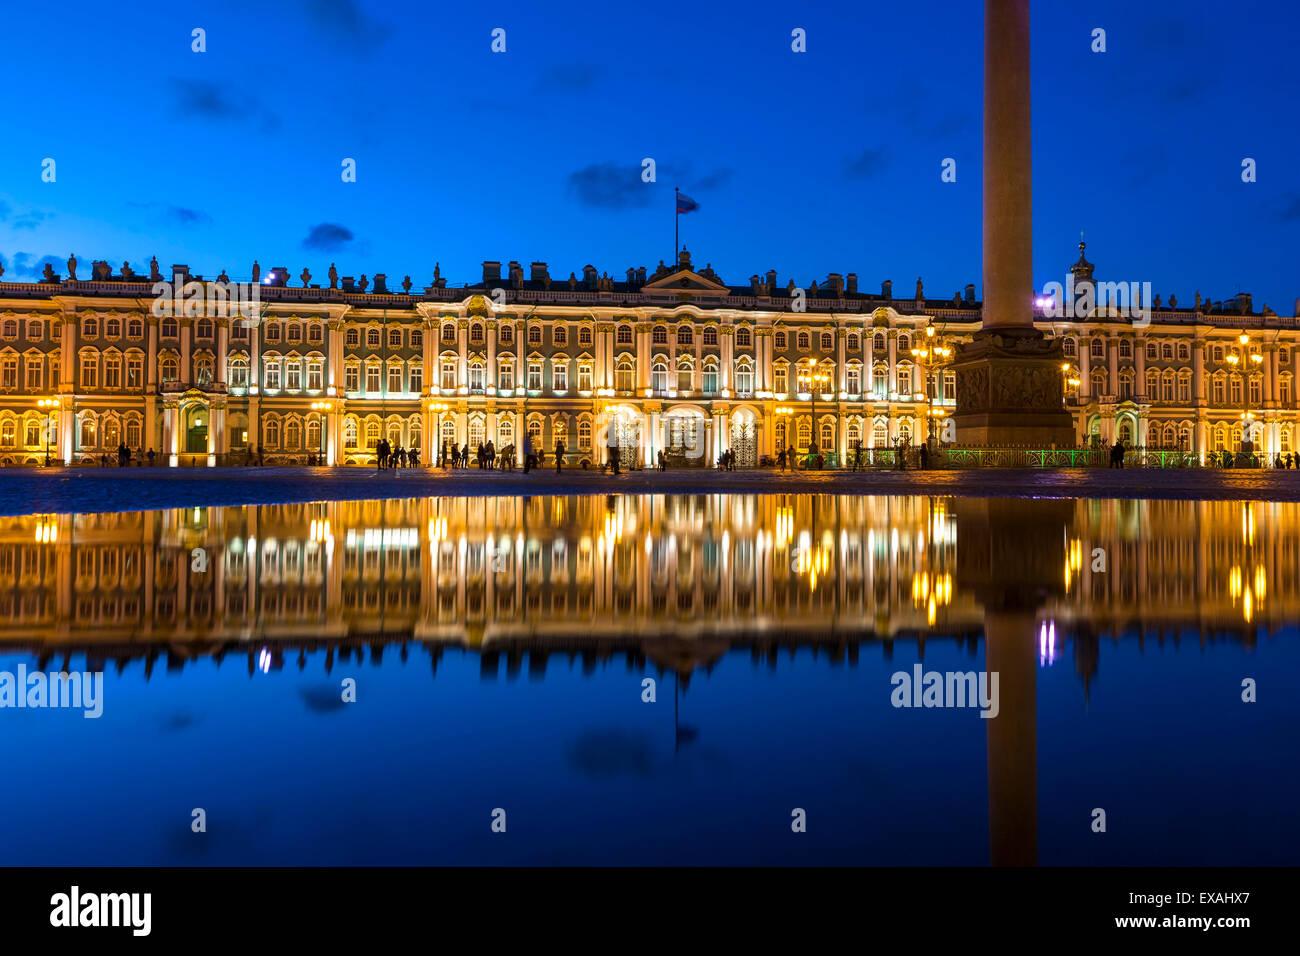 Alexander-Säule und der Eremitage, Winter Palace, Schlossplatz, UNESCO-Weltkulturerbe, St. Petersburg, Russland, Stockbild